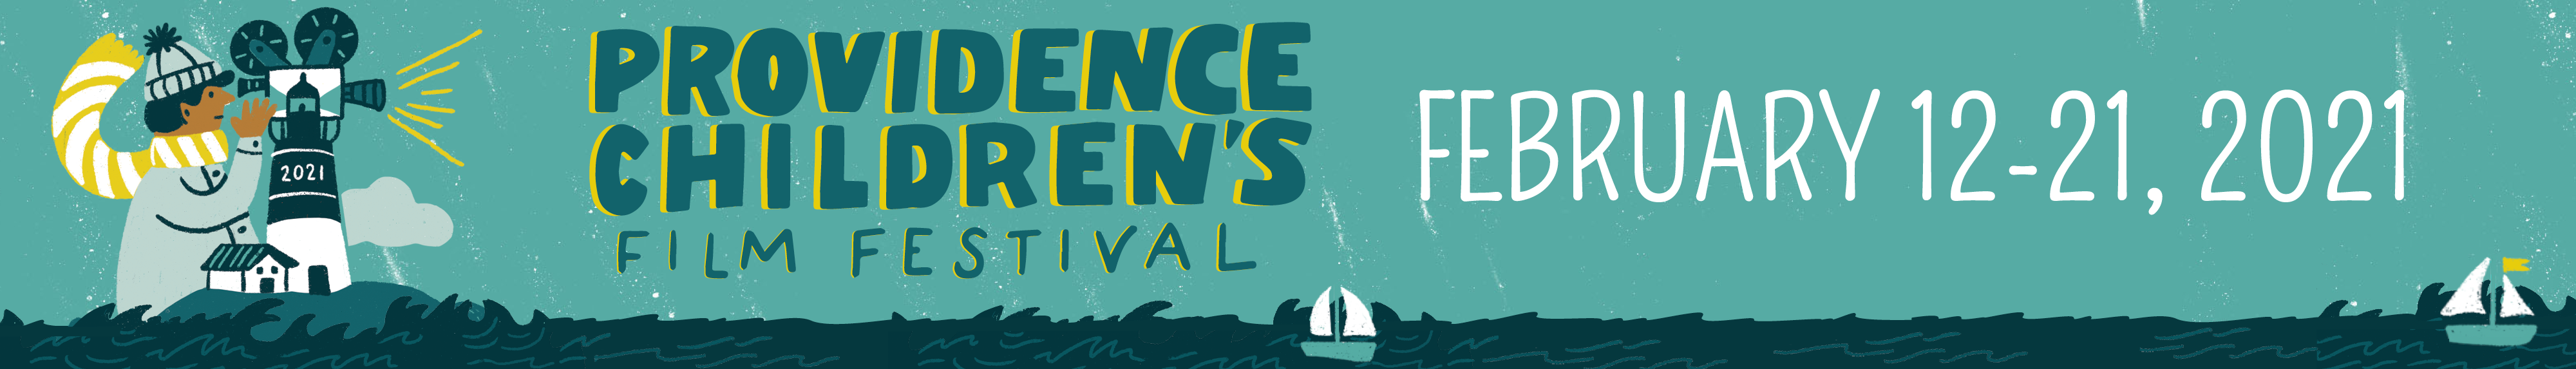 Providence Children's Film Festival